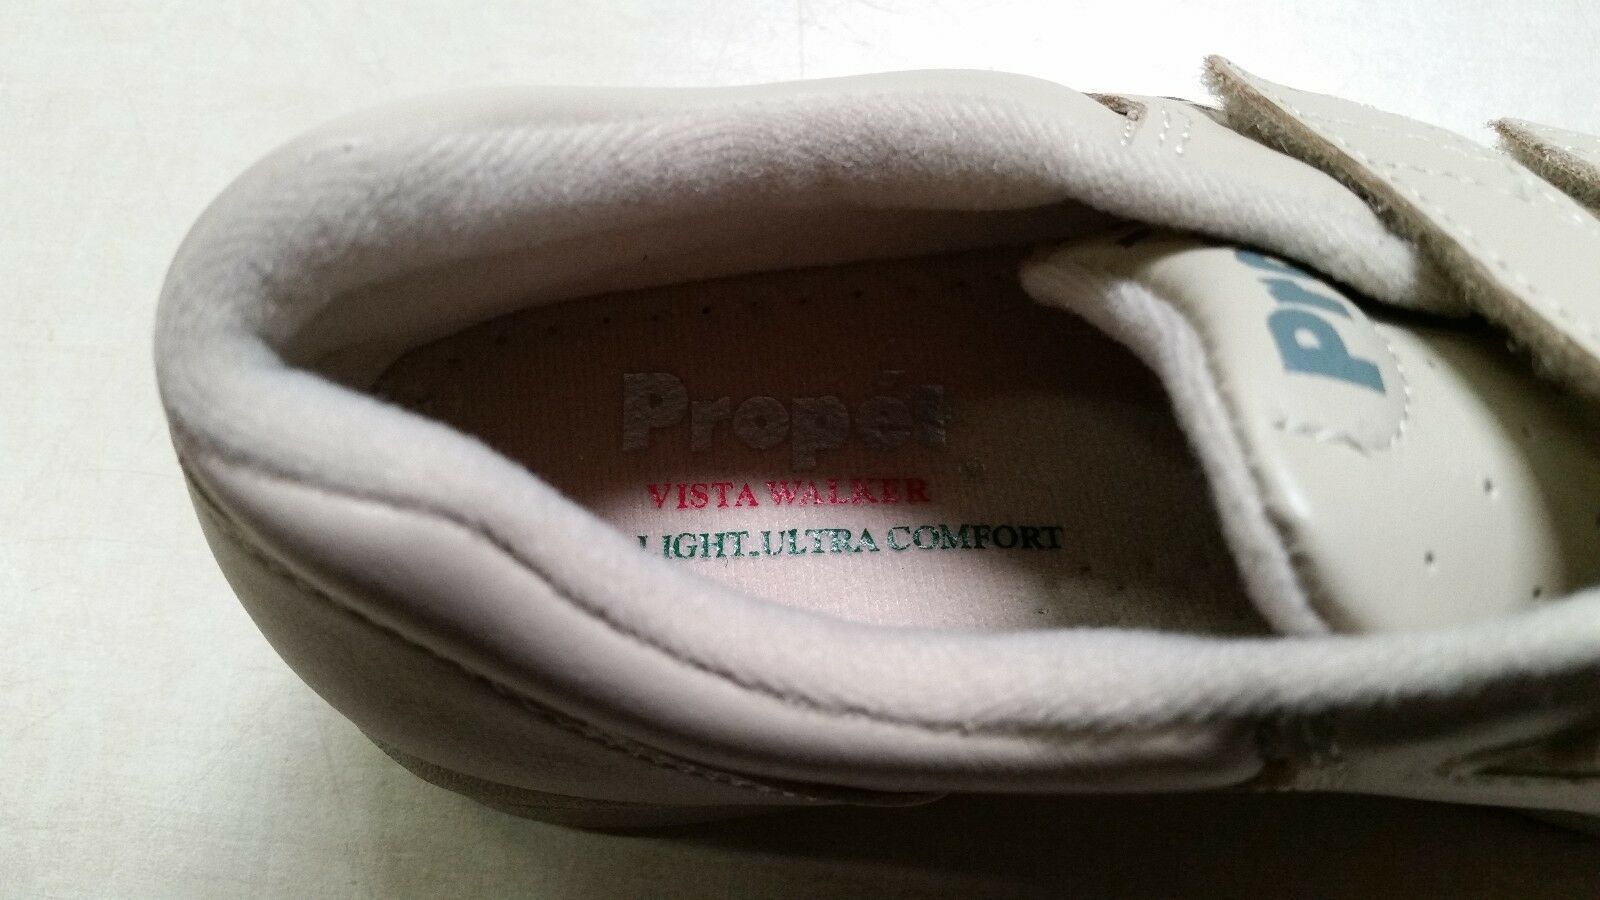 Propet Vista Strap W3915 Bone W3915BO-M-06H US Size 6.5 B / M Womens Shoes Value